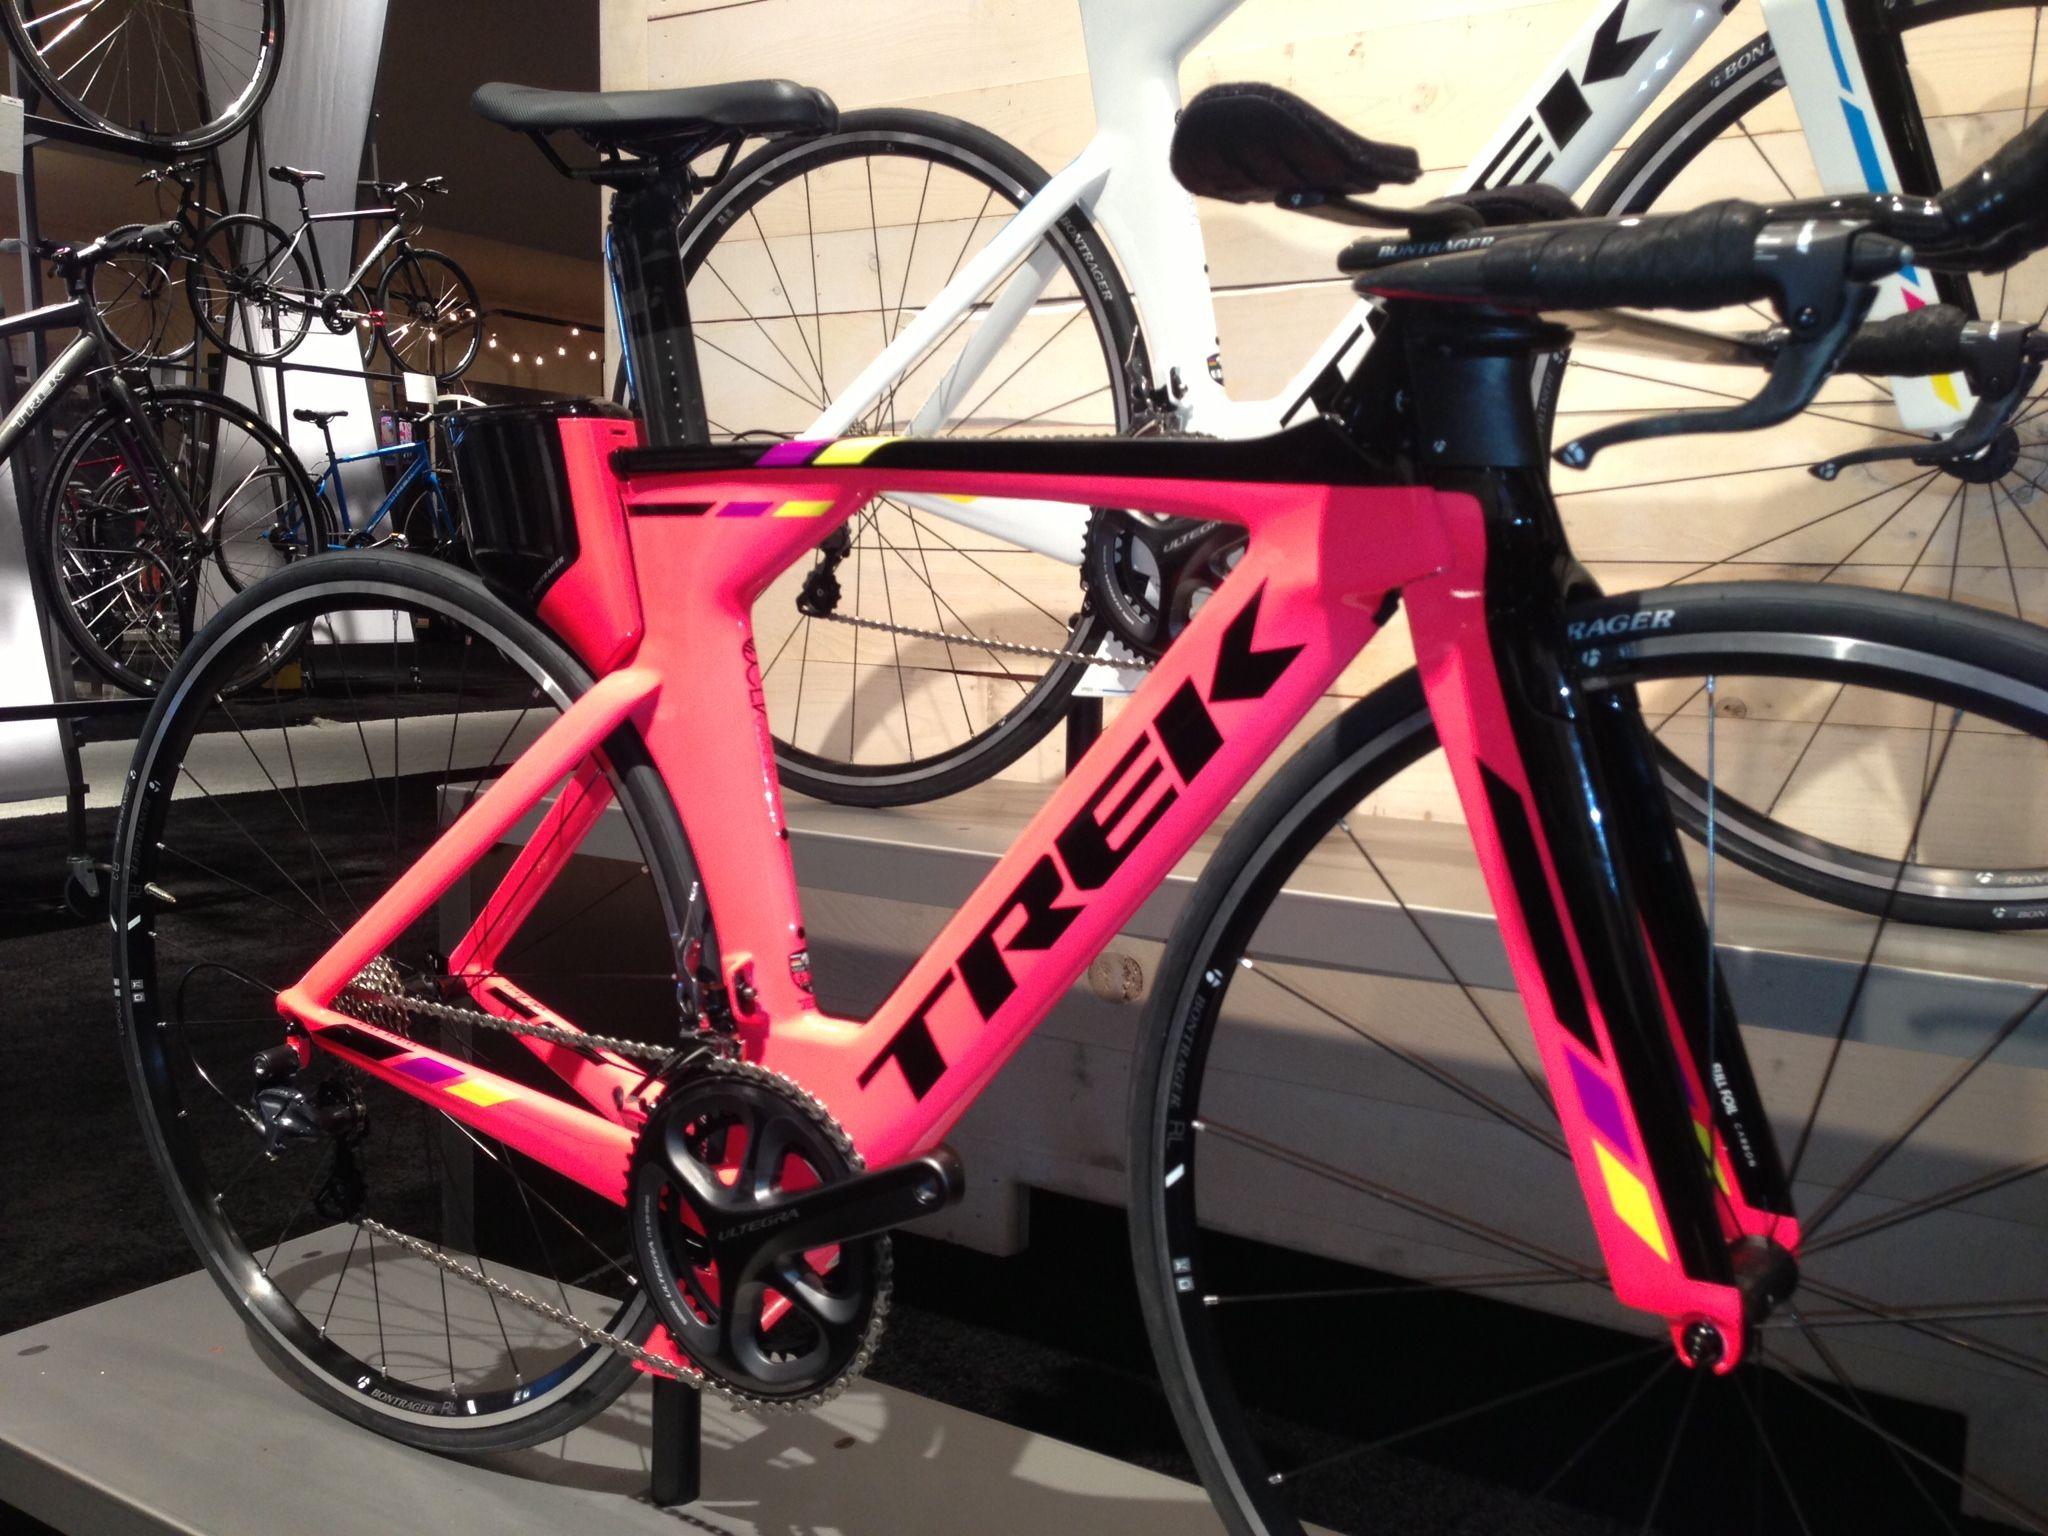 The 2014 Trek Speed Concept Wsd 9 5 Hotbikes Trekspeedconcept